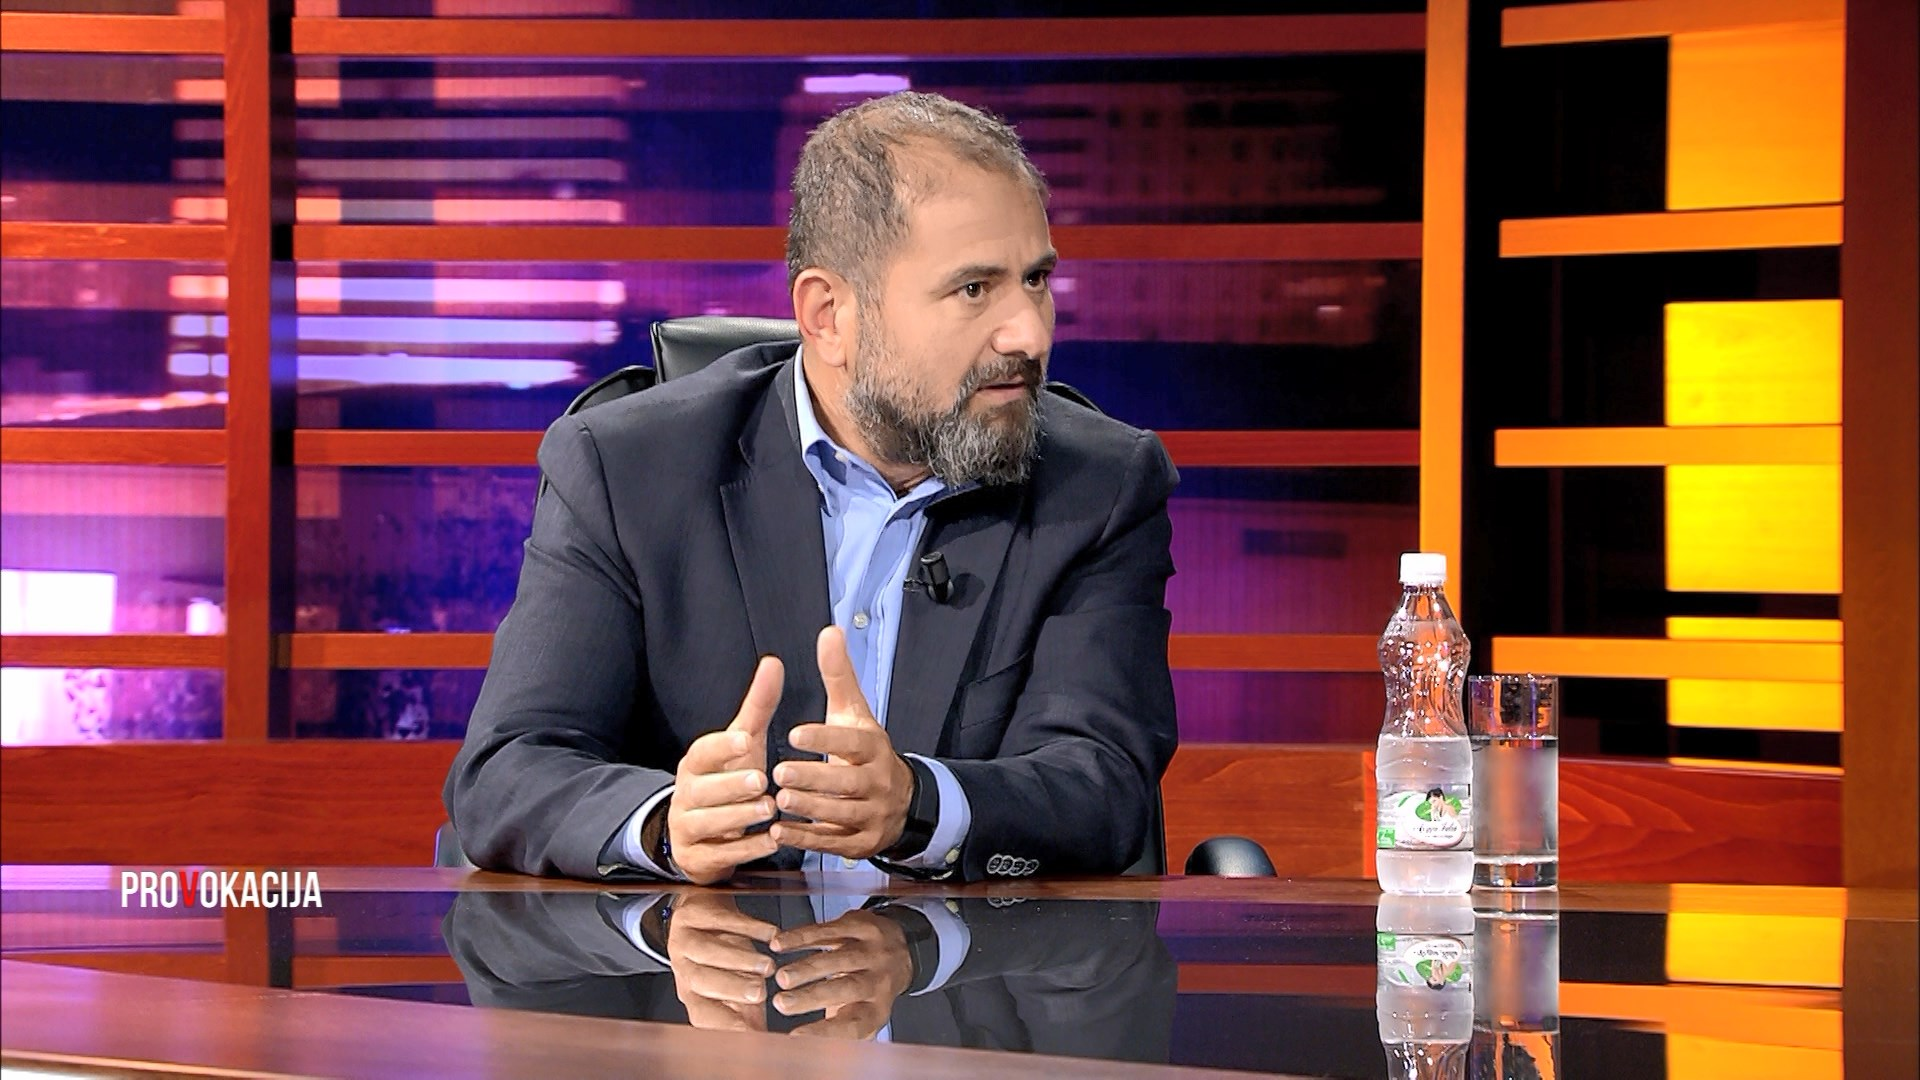 Mosdekretimi i Lleshit nga Presidenti/ Shkullaku: Refuzim politik